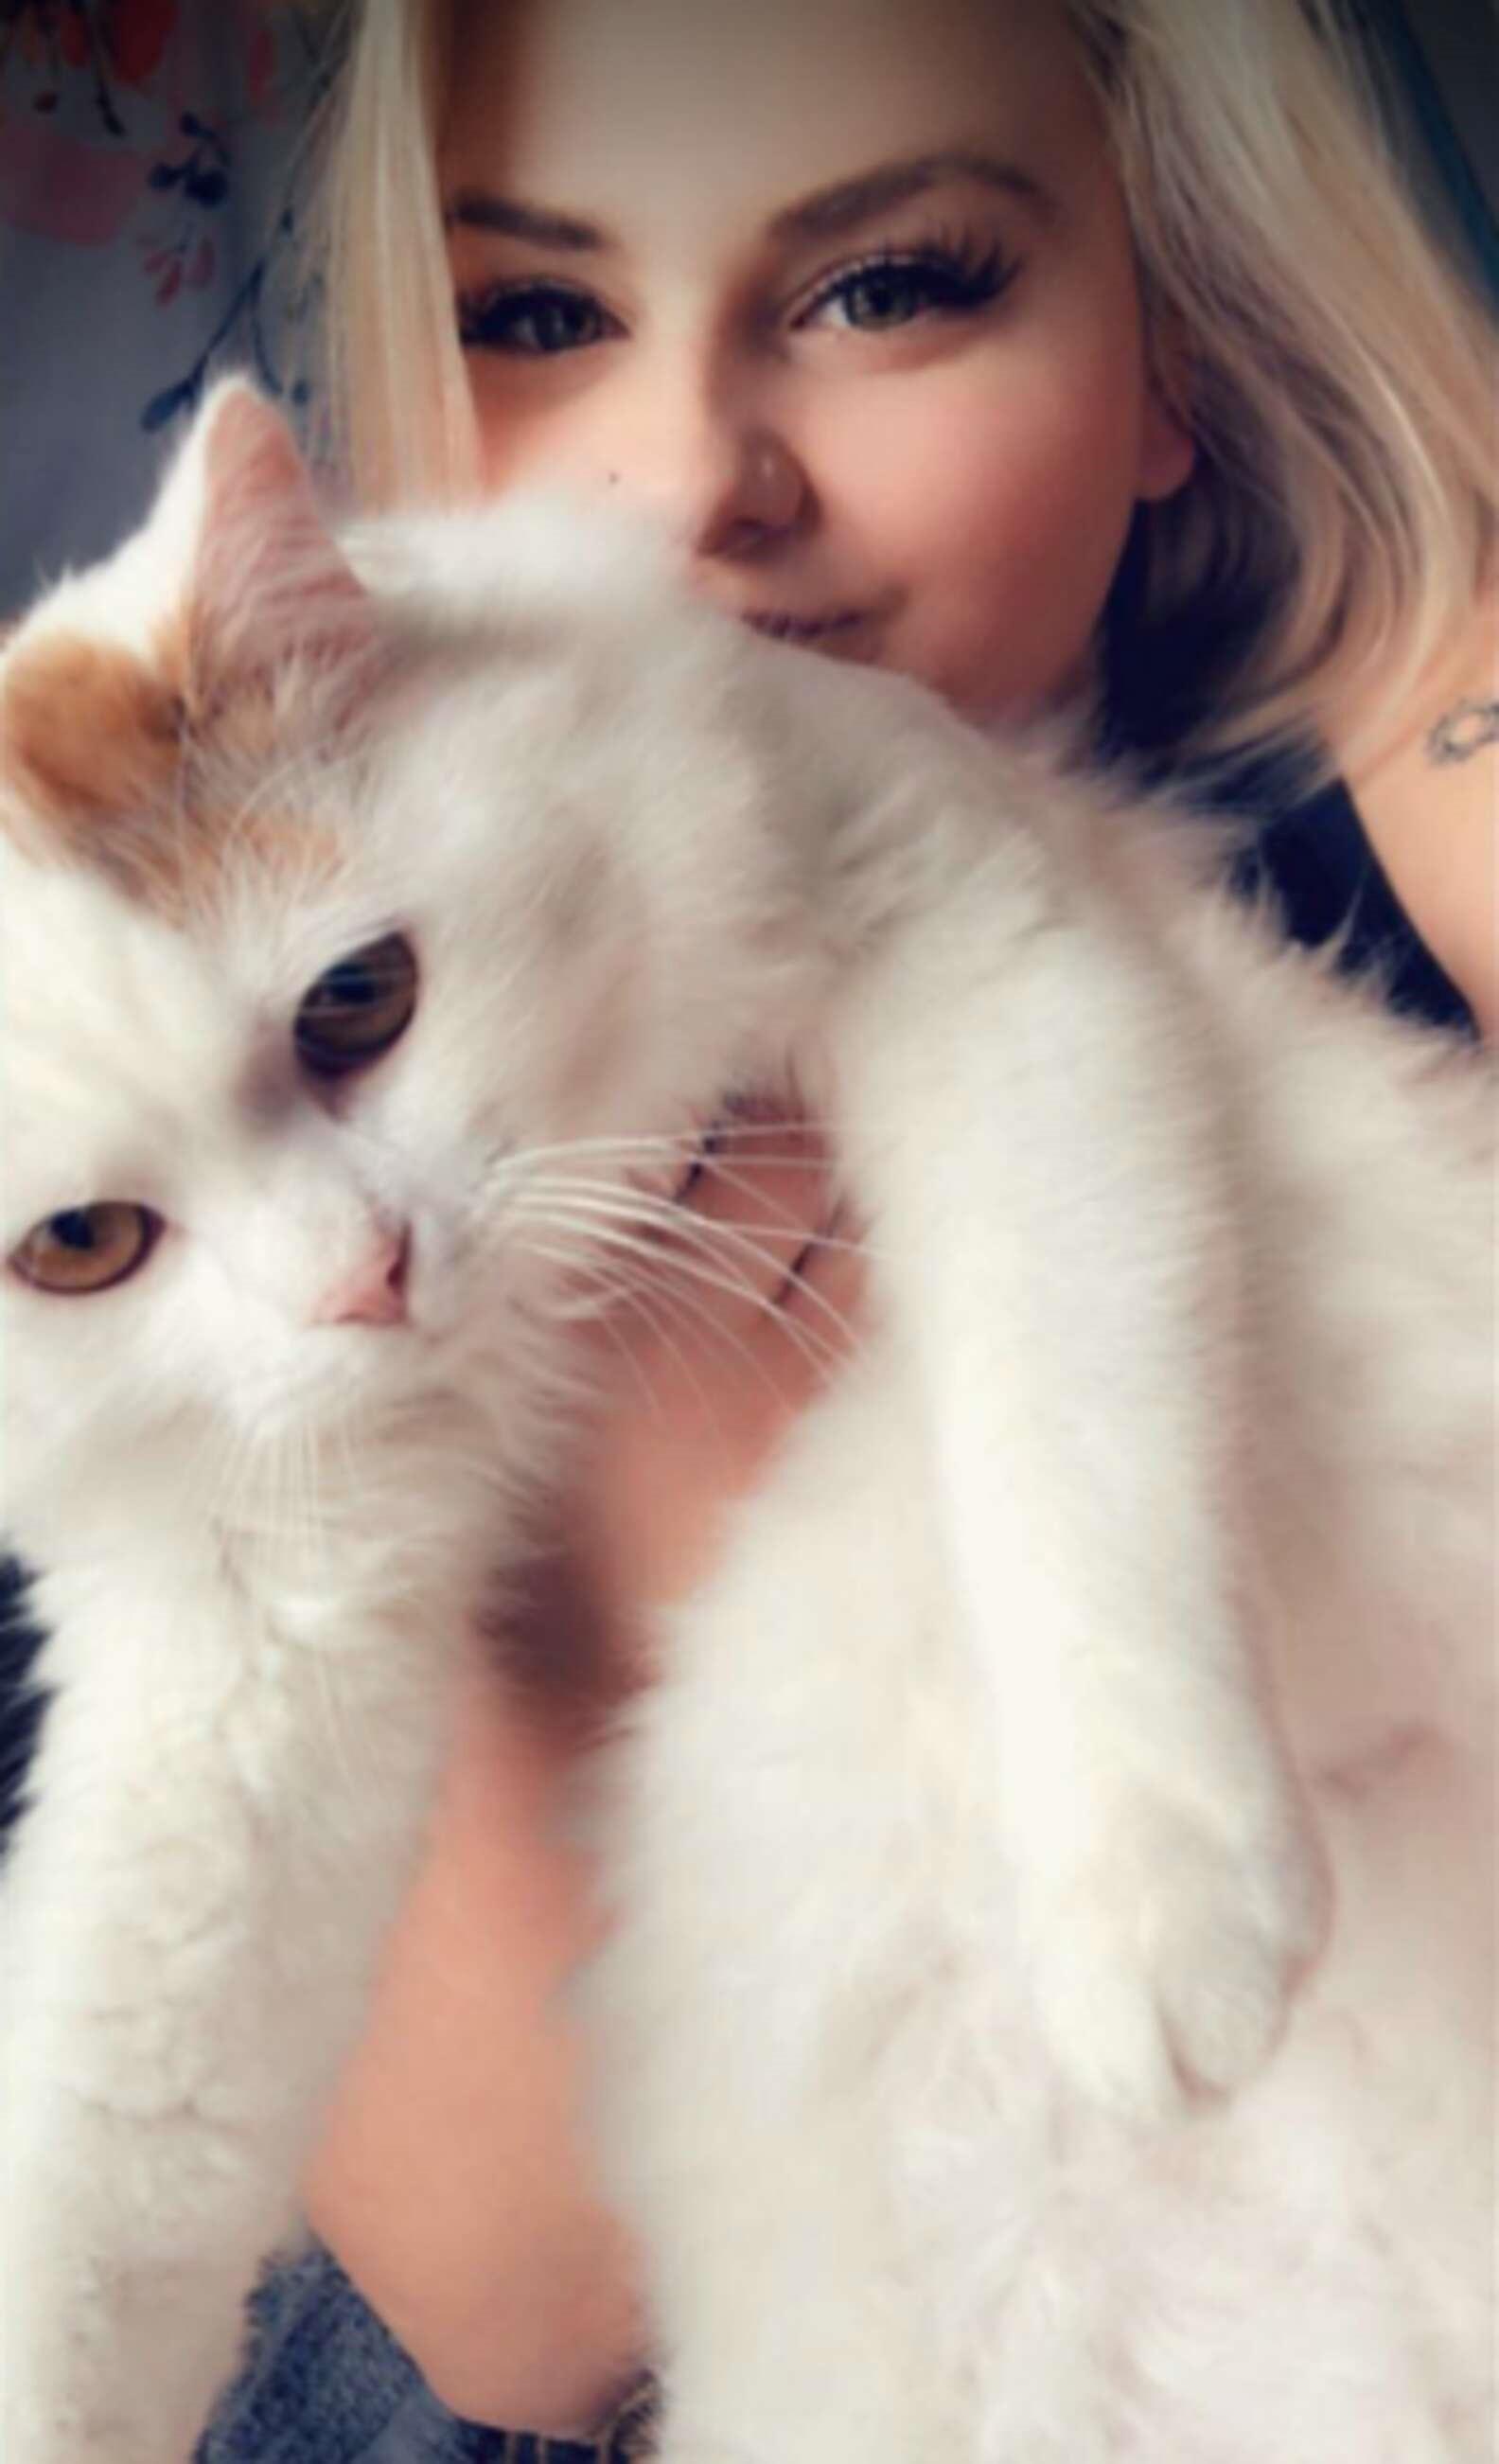 Mulher foi flagrada em um momento bem estranho com seu gatinho